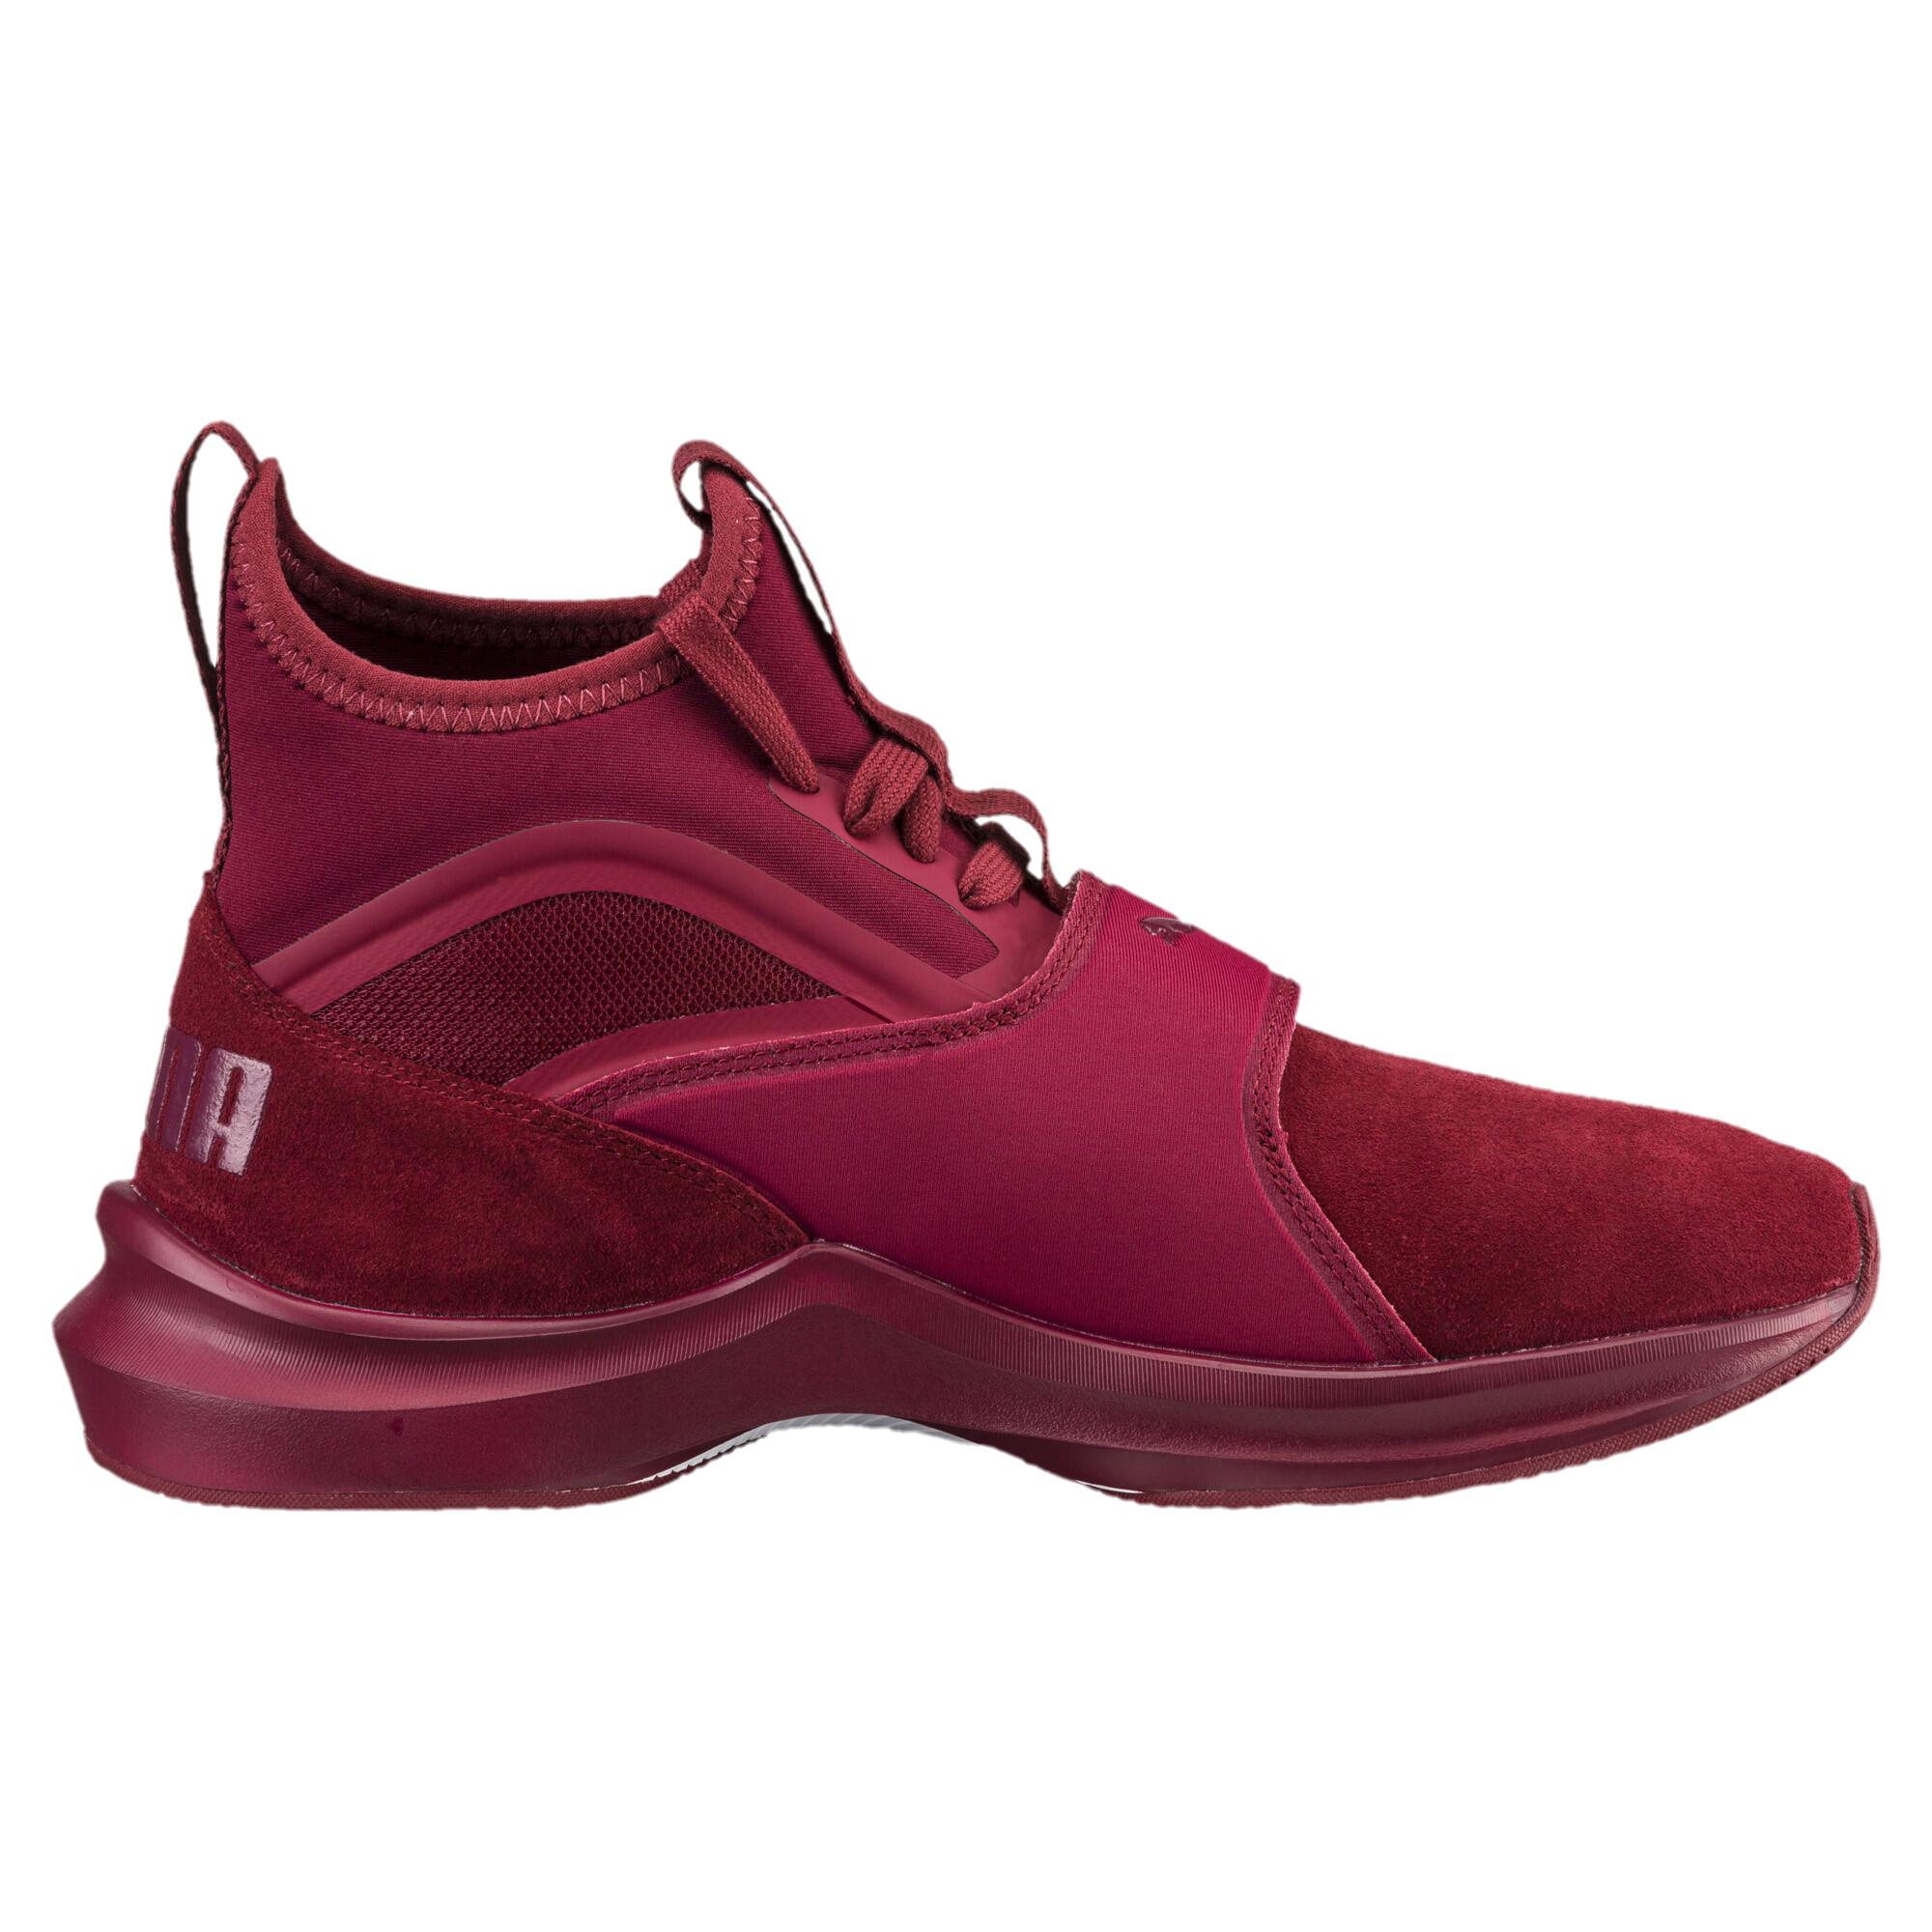 100% authentic wide range premium selection Details about PUMA Phenom Suede Women's Training Shoes Women Shoe Training